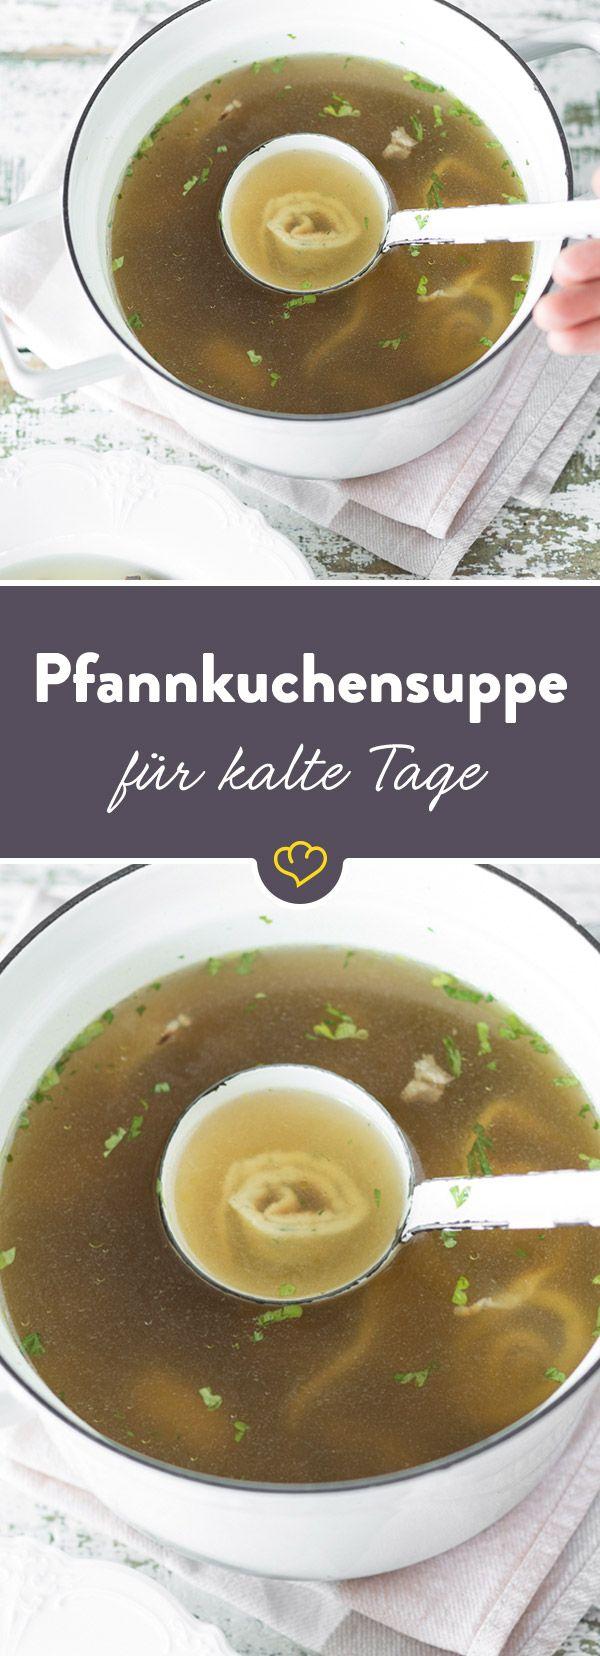 Der Klassiker für Suppenkasper. Wie man sie auch nennen mag: Frittatensuppe, Flädlesuppe oder schlicht Pfannkuchensuppe - sie ist und bleibt ein Kraftpaket!